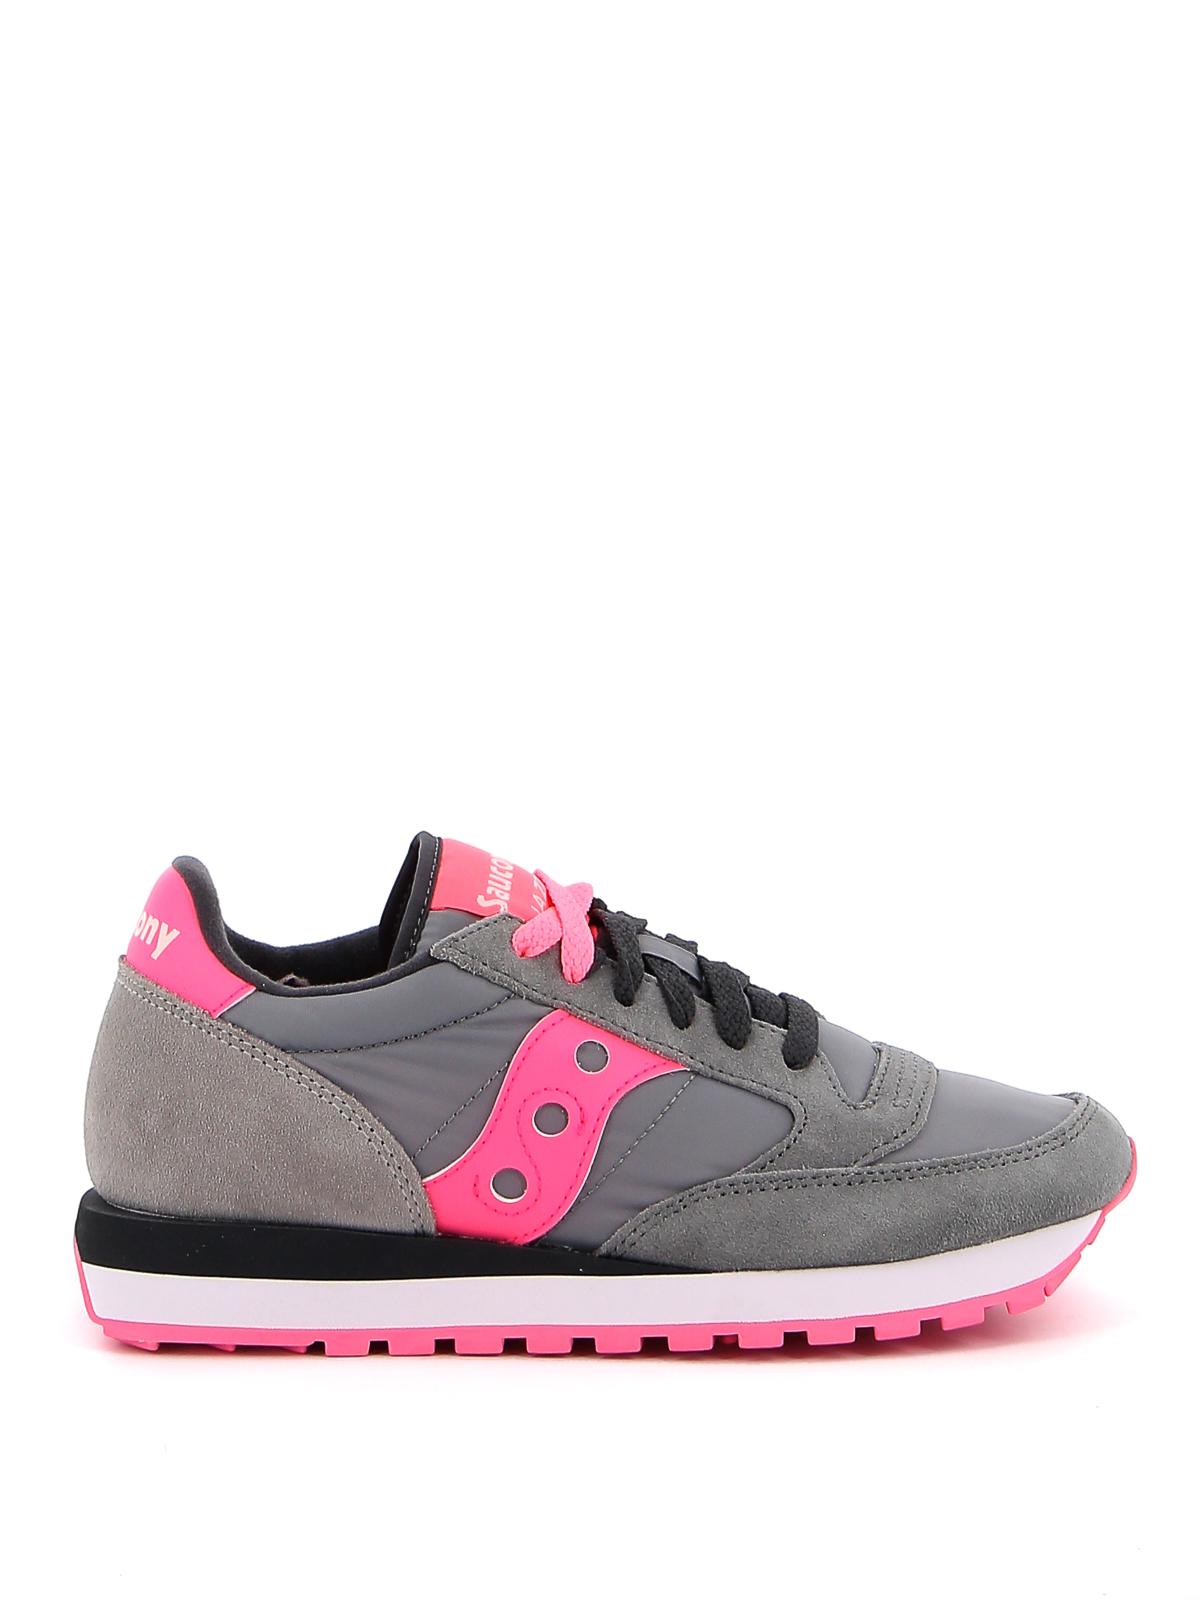 Saucony - Jazz Original sneakers